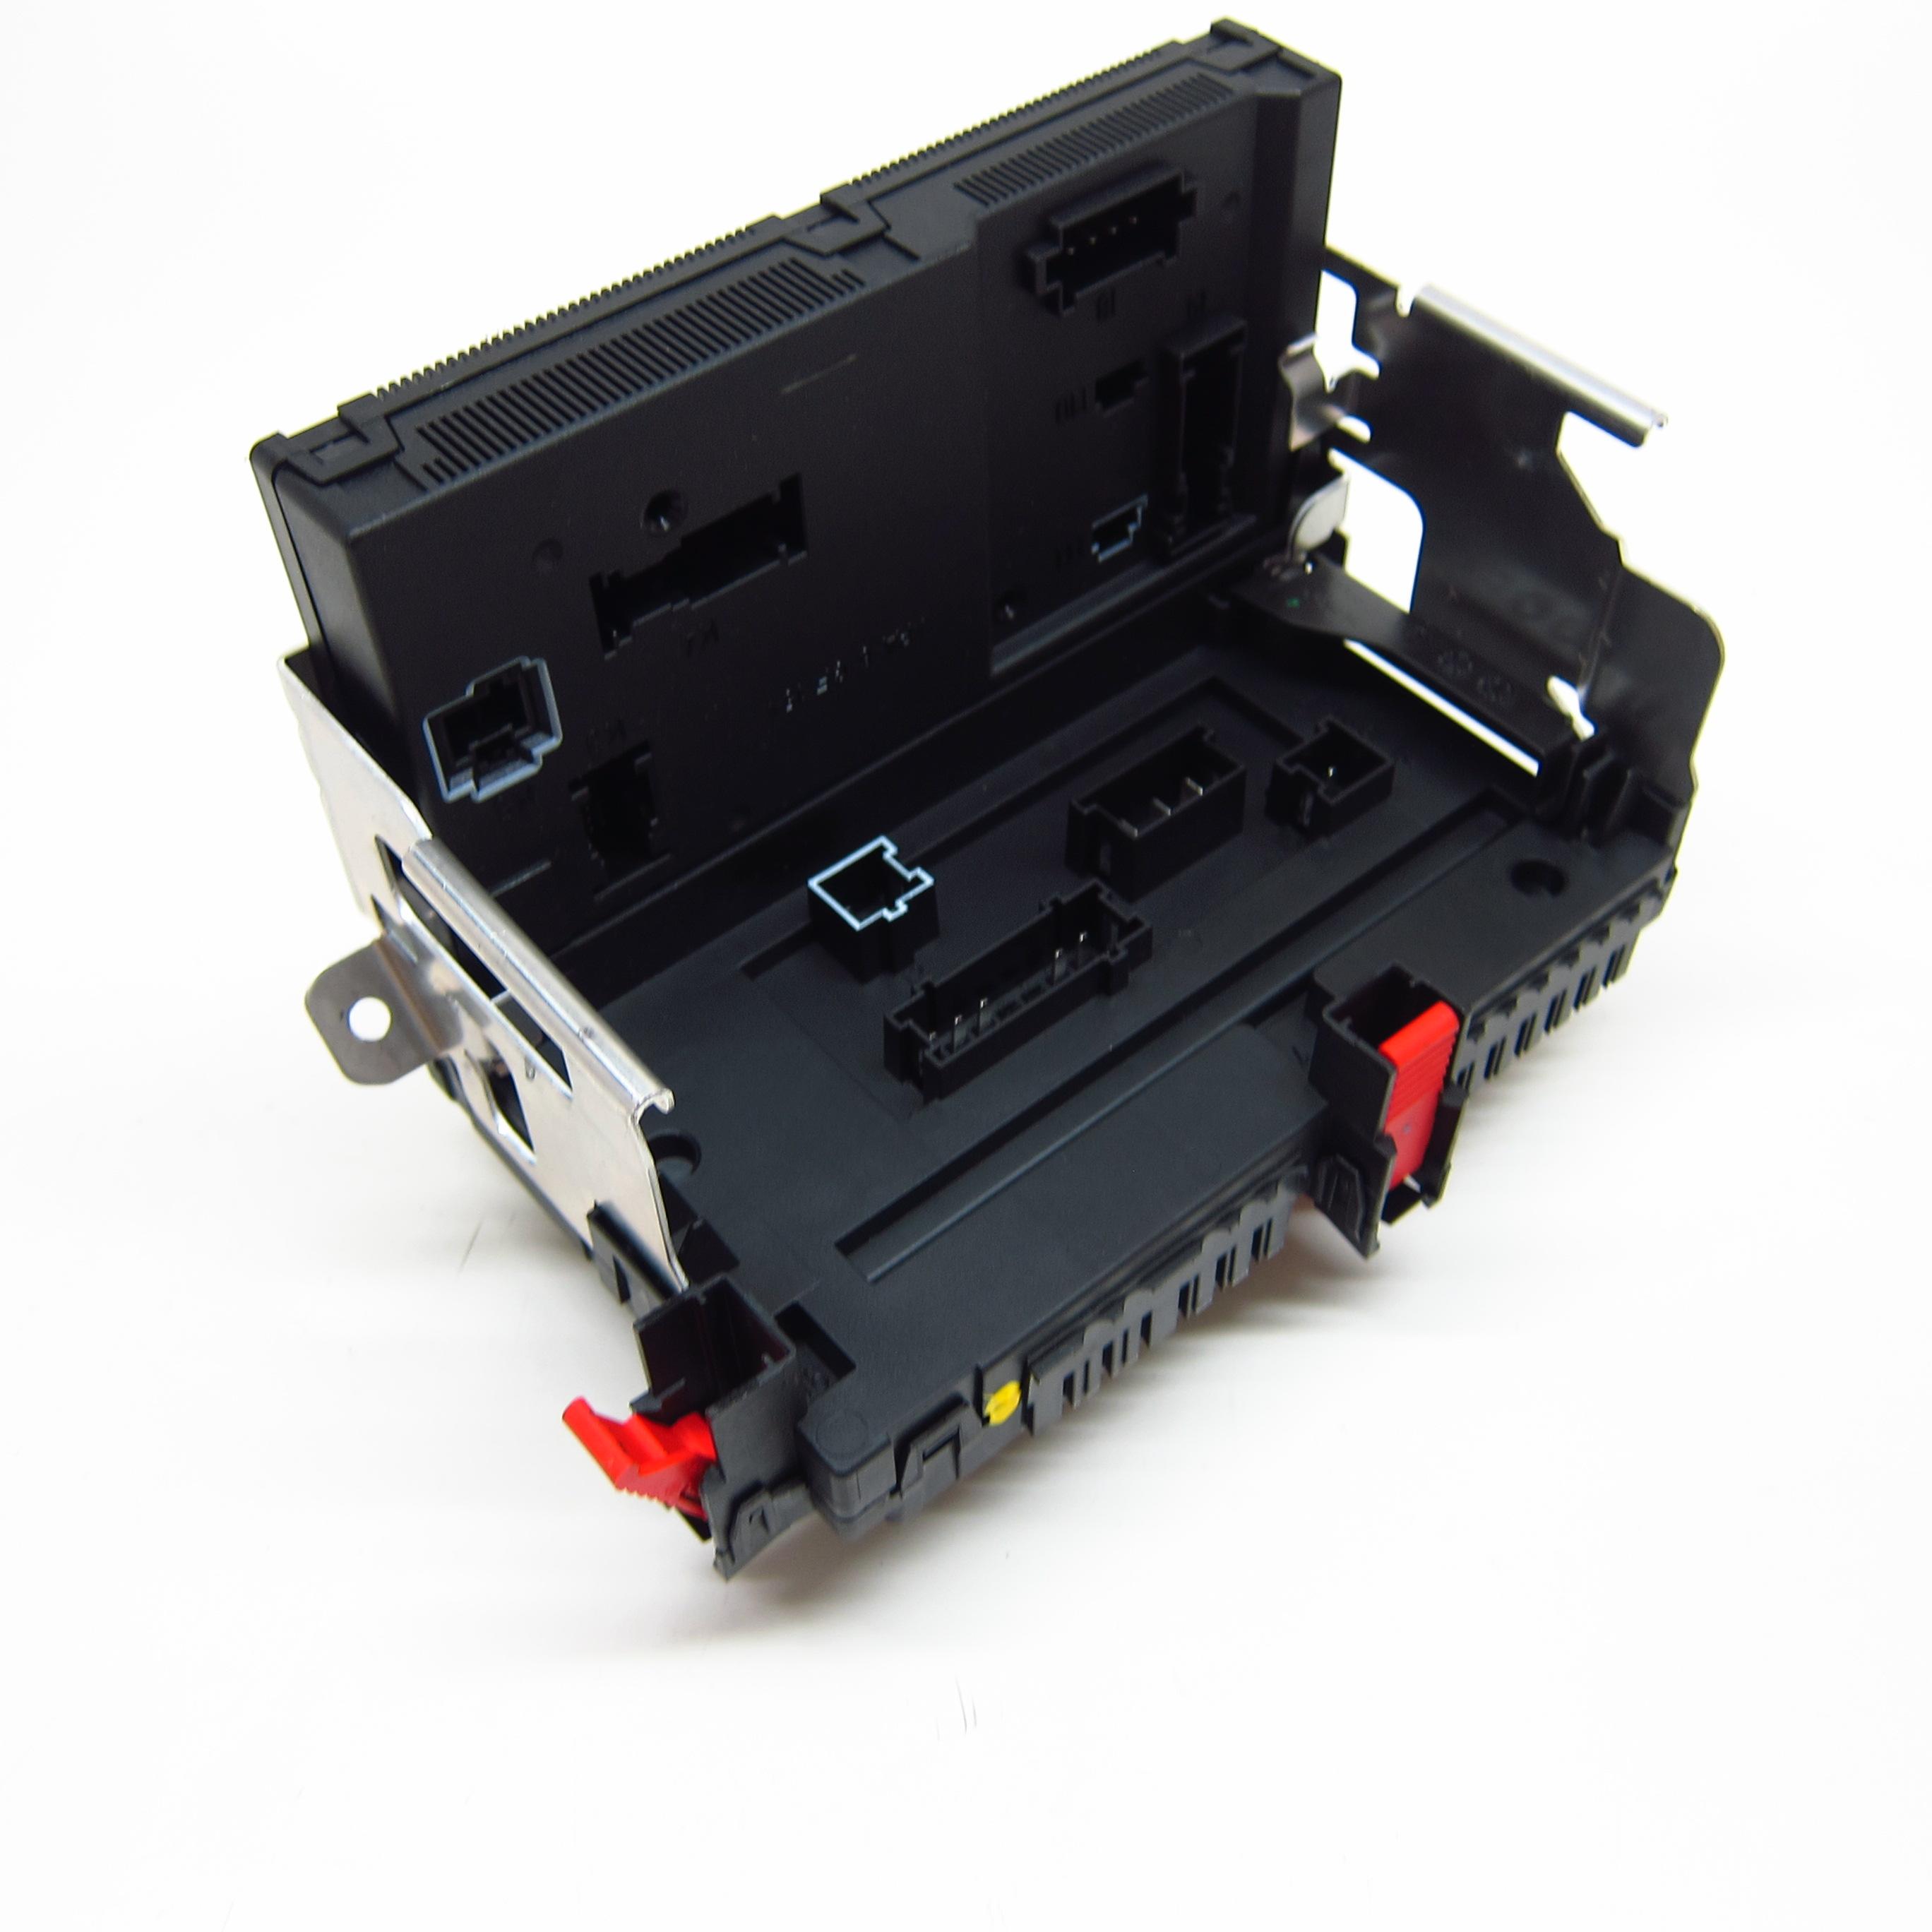 Fuse Box Mercedes W221 S 350 1005 A2215402050 A2215450801 Ebay Ducati 749 Artikel En Voertuiggegevens